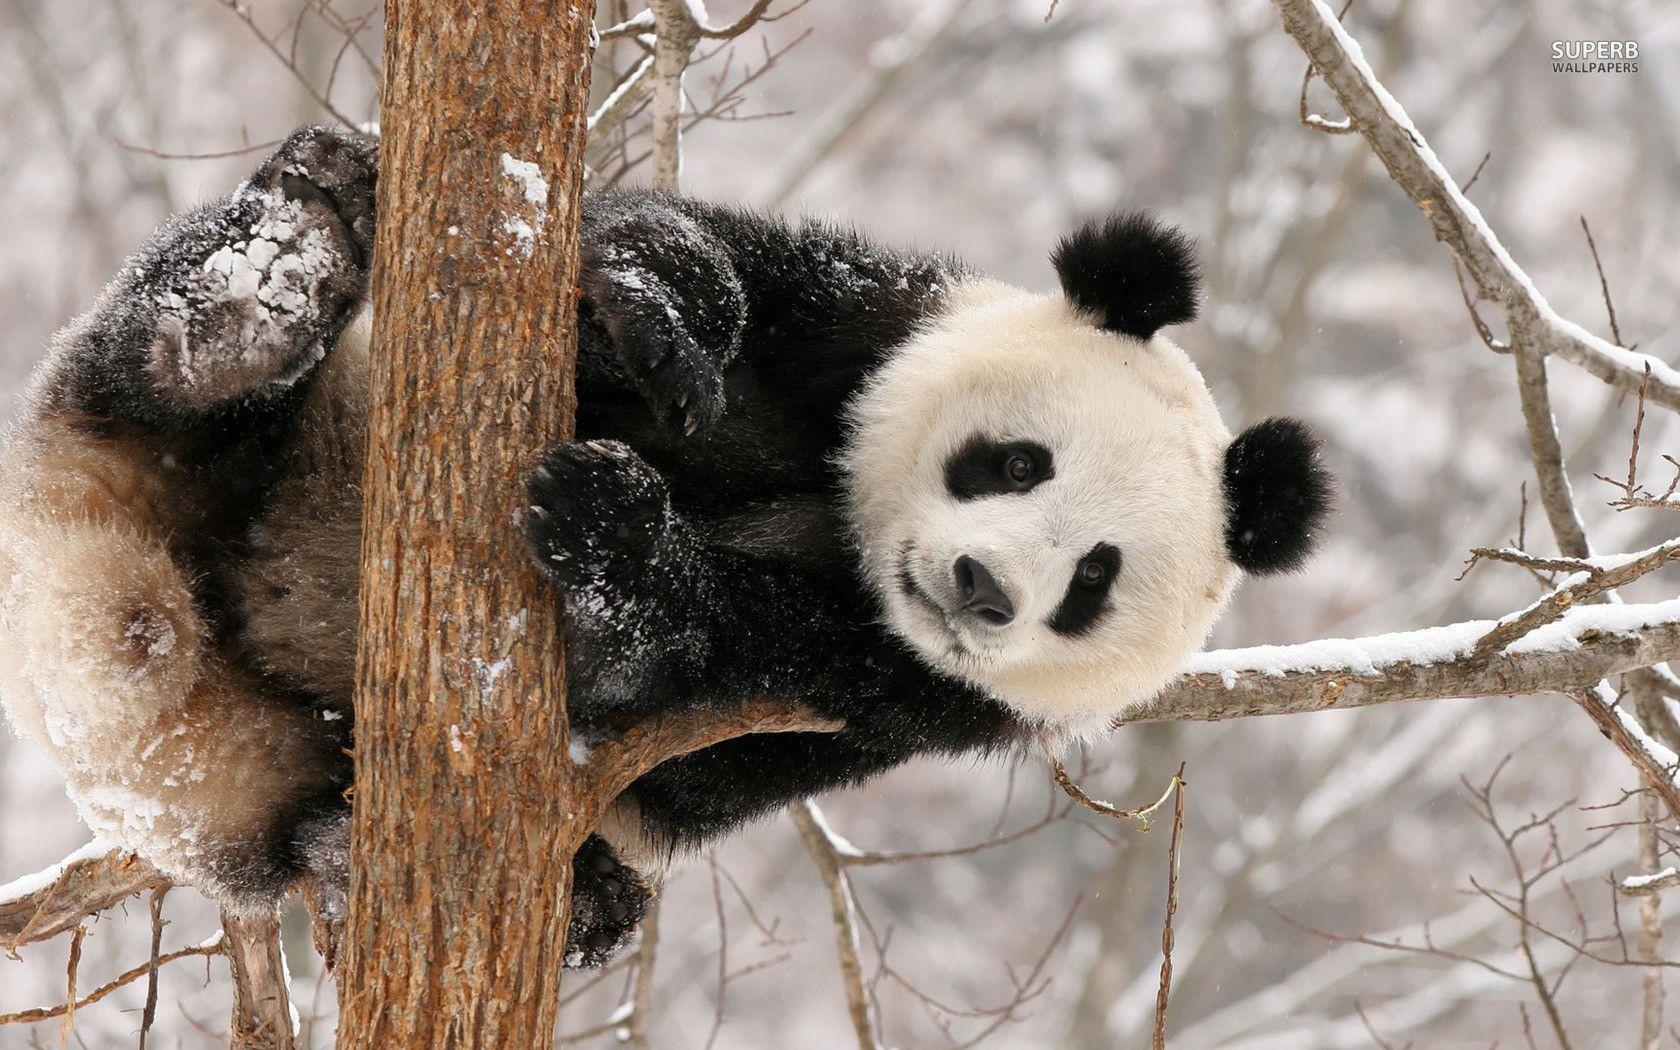 panda bear wallpaper - www.wallpaper-free-download.com